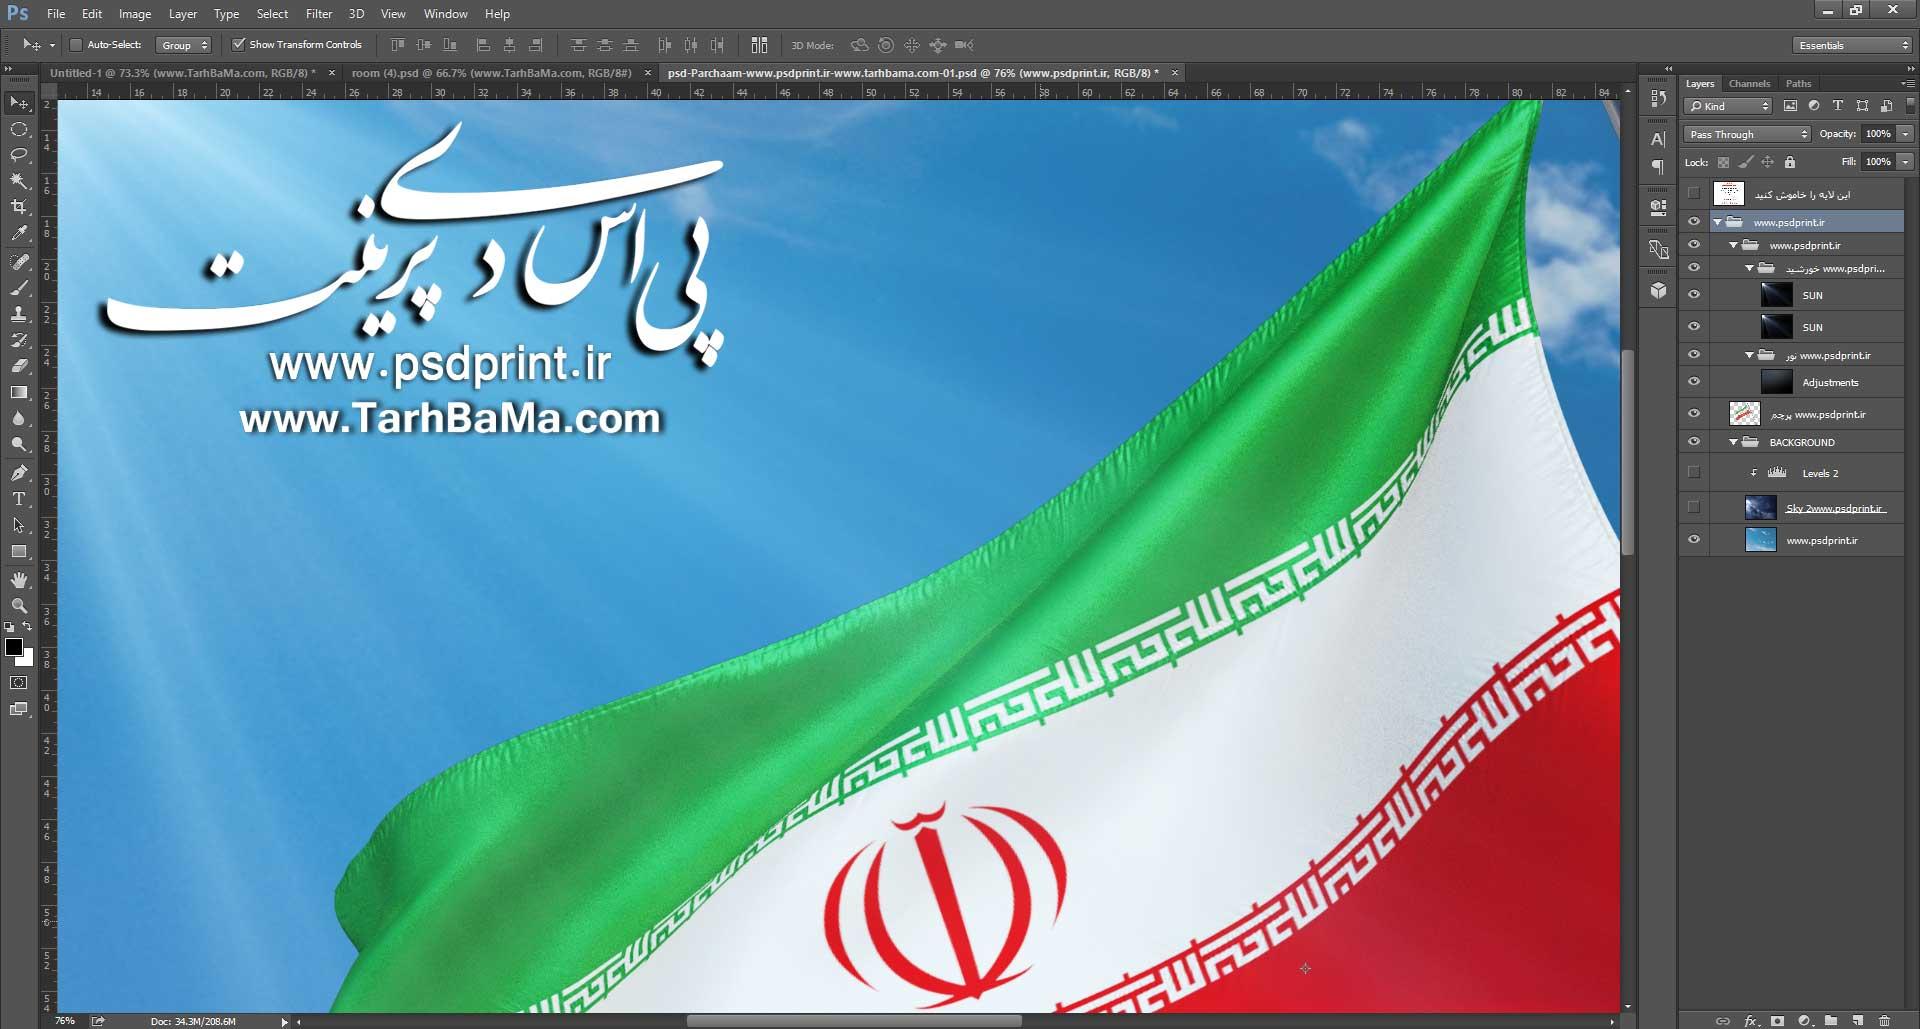 دانلود پرچم ایران با کیفیت بالا